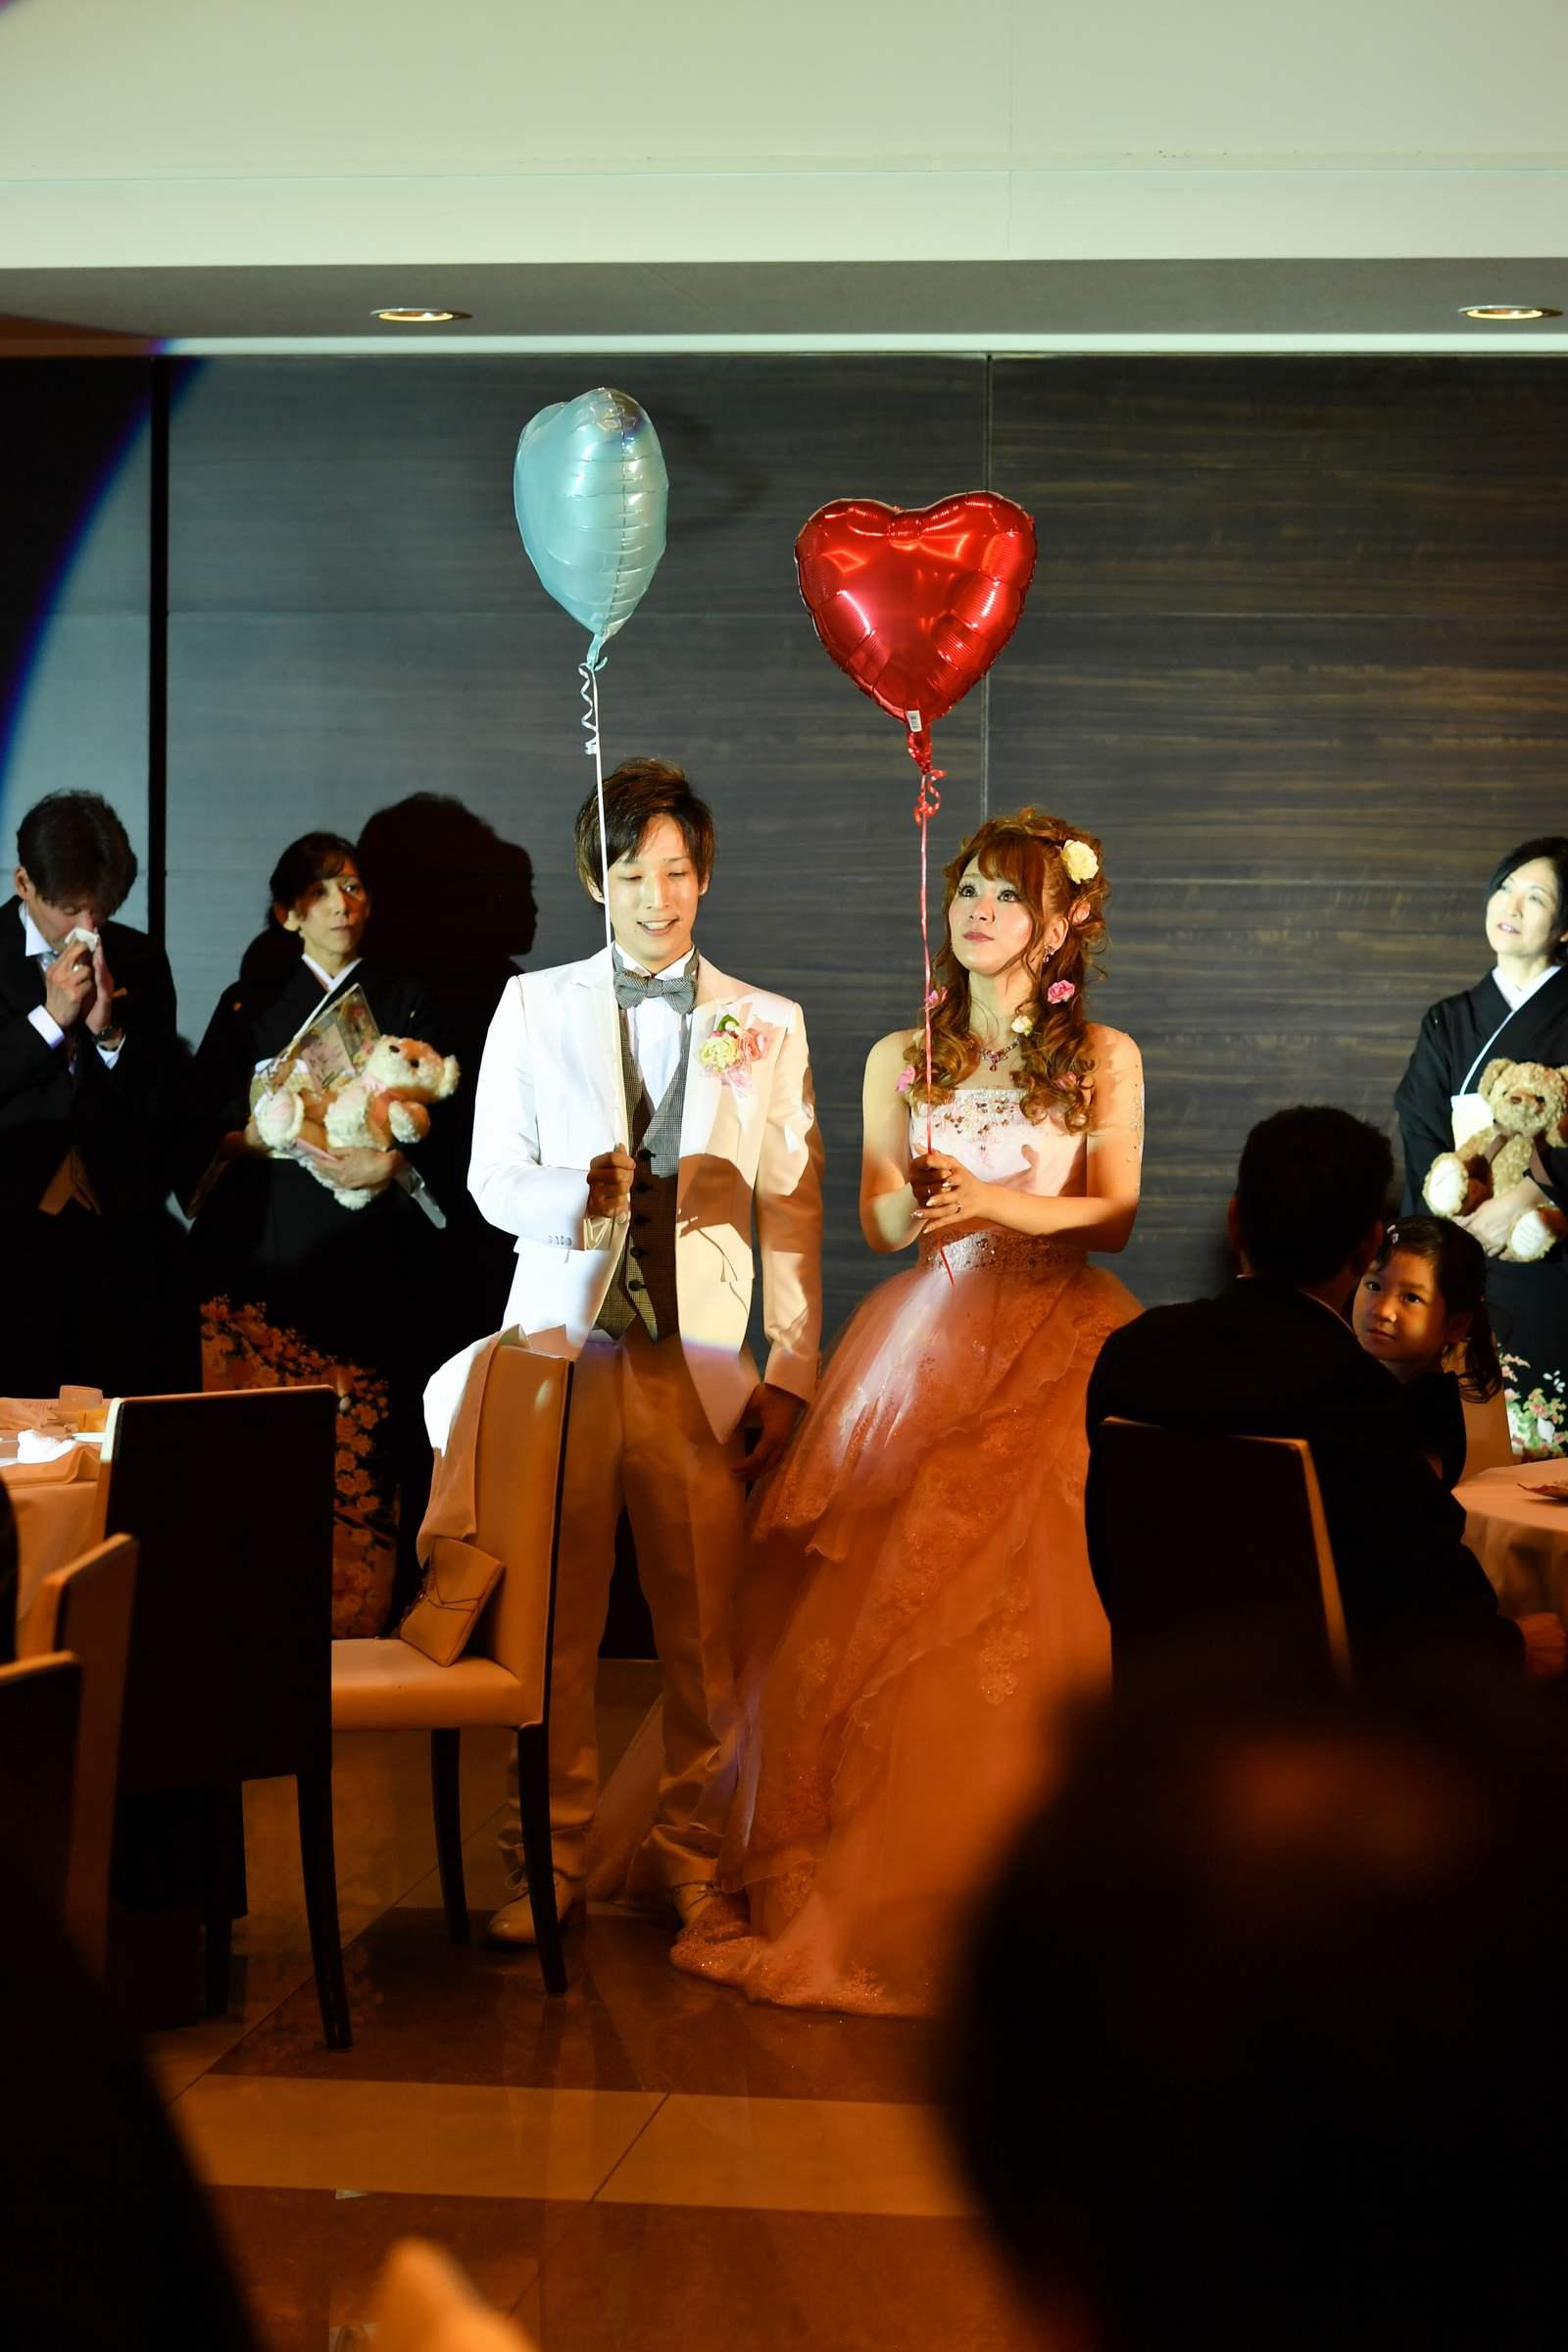 香川県の結婚式場のシェルエメール&アイスタイルのバルーン